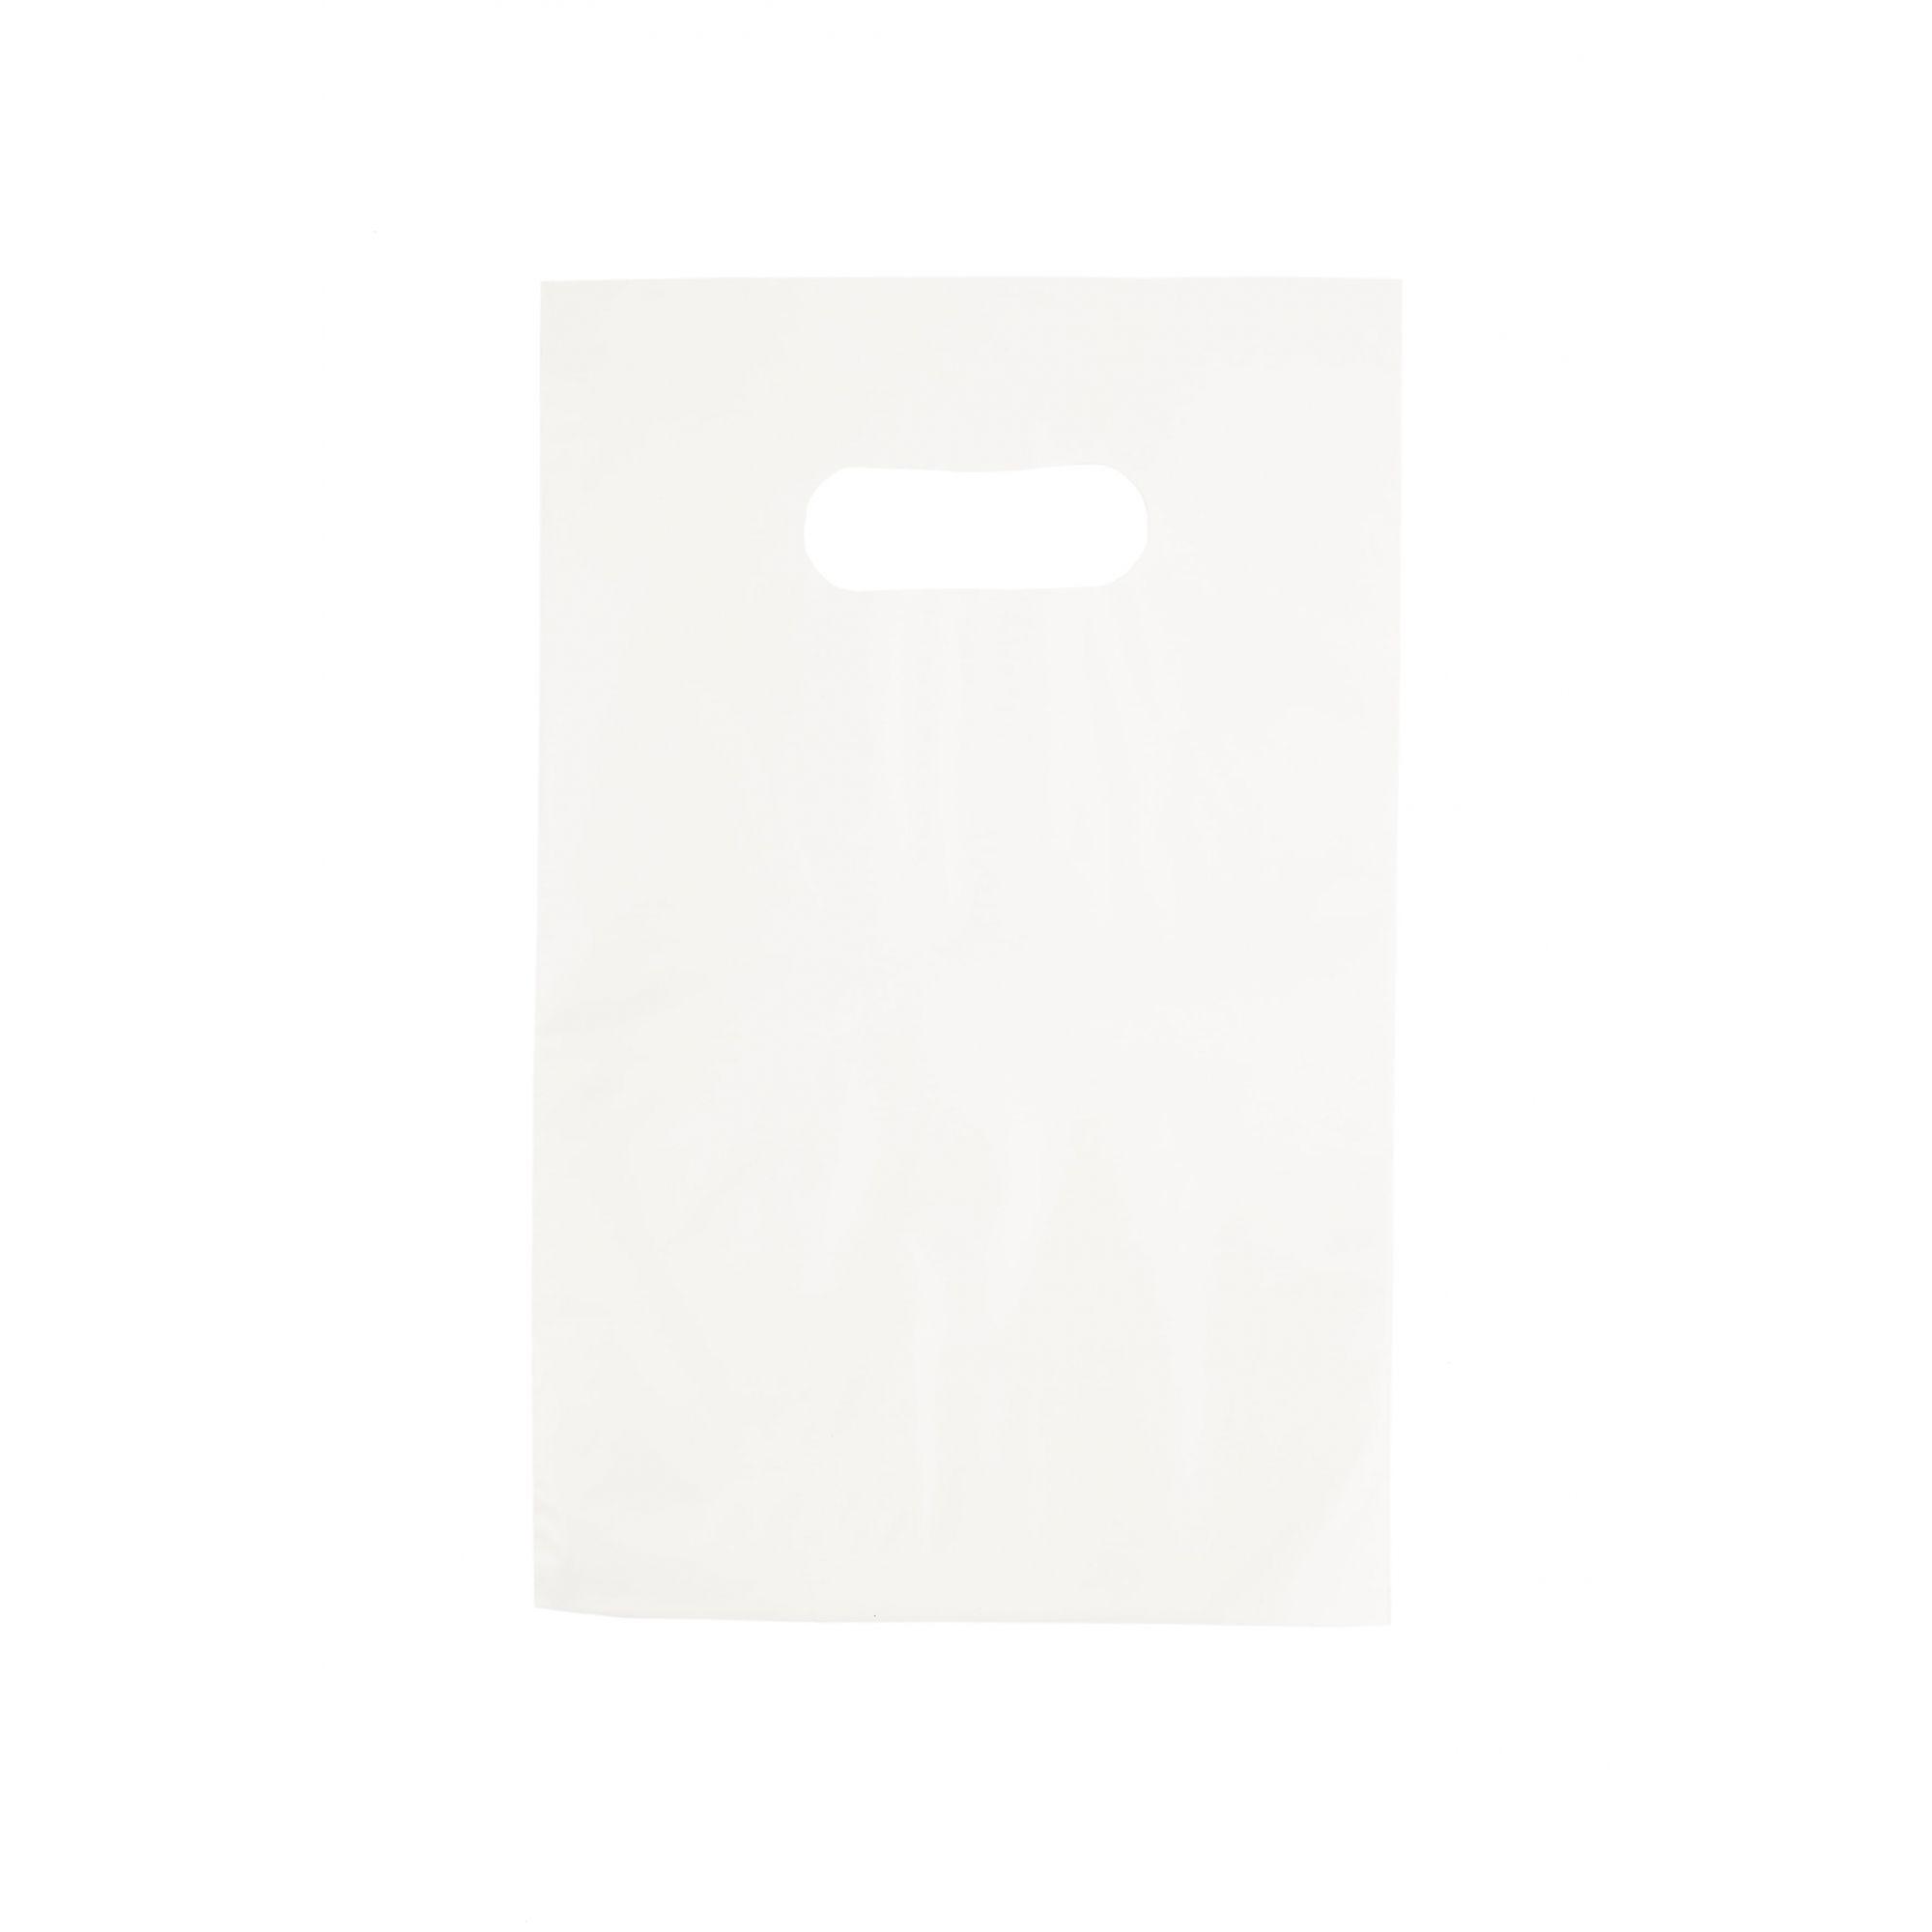 Sacola Plástica 25x35 Branca - Alça Boca de Palhaço